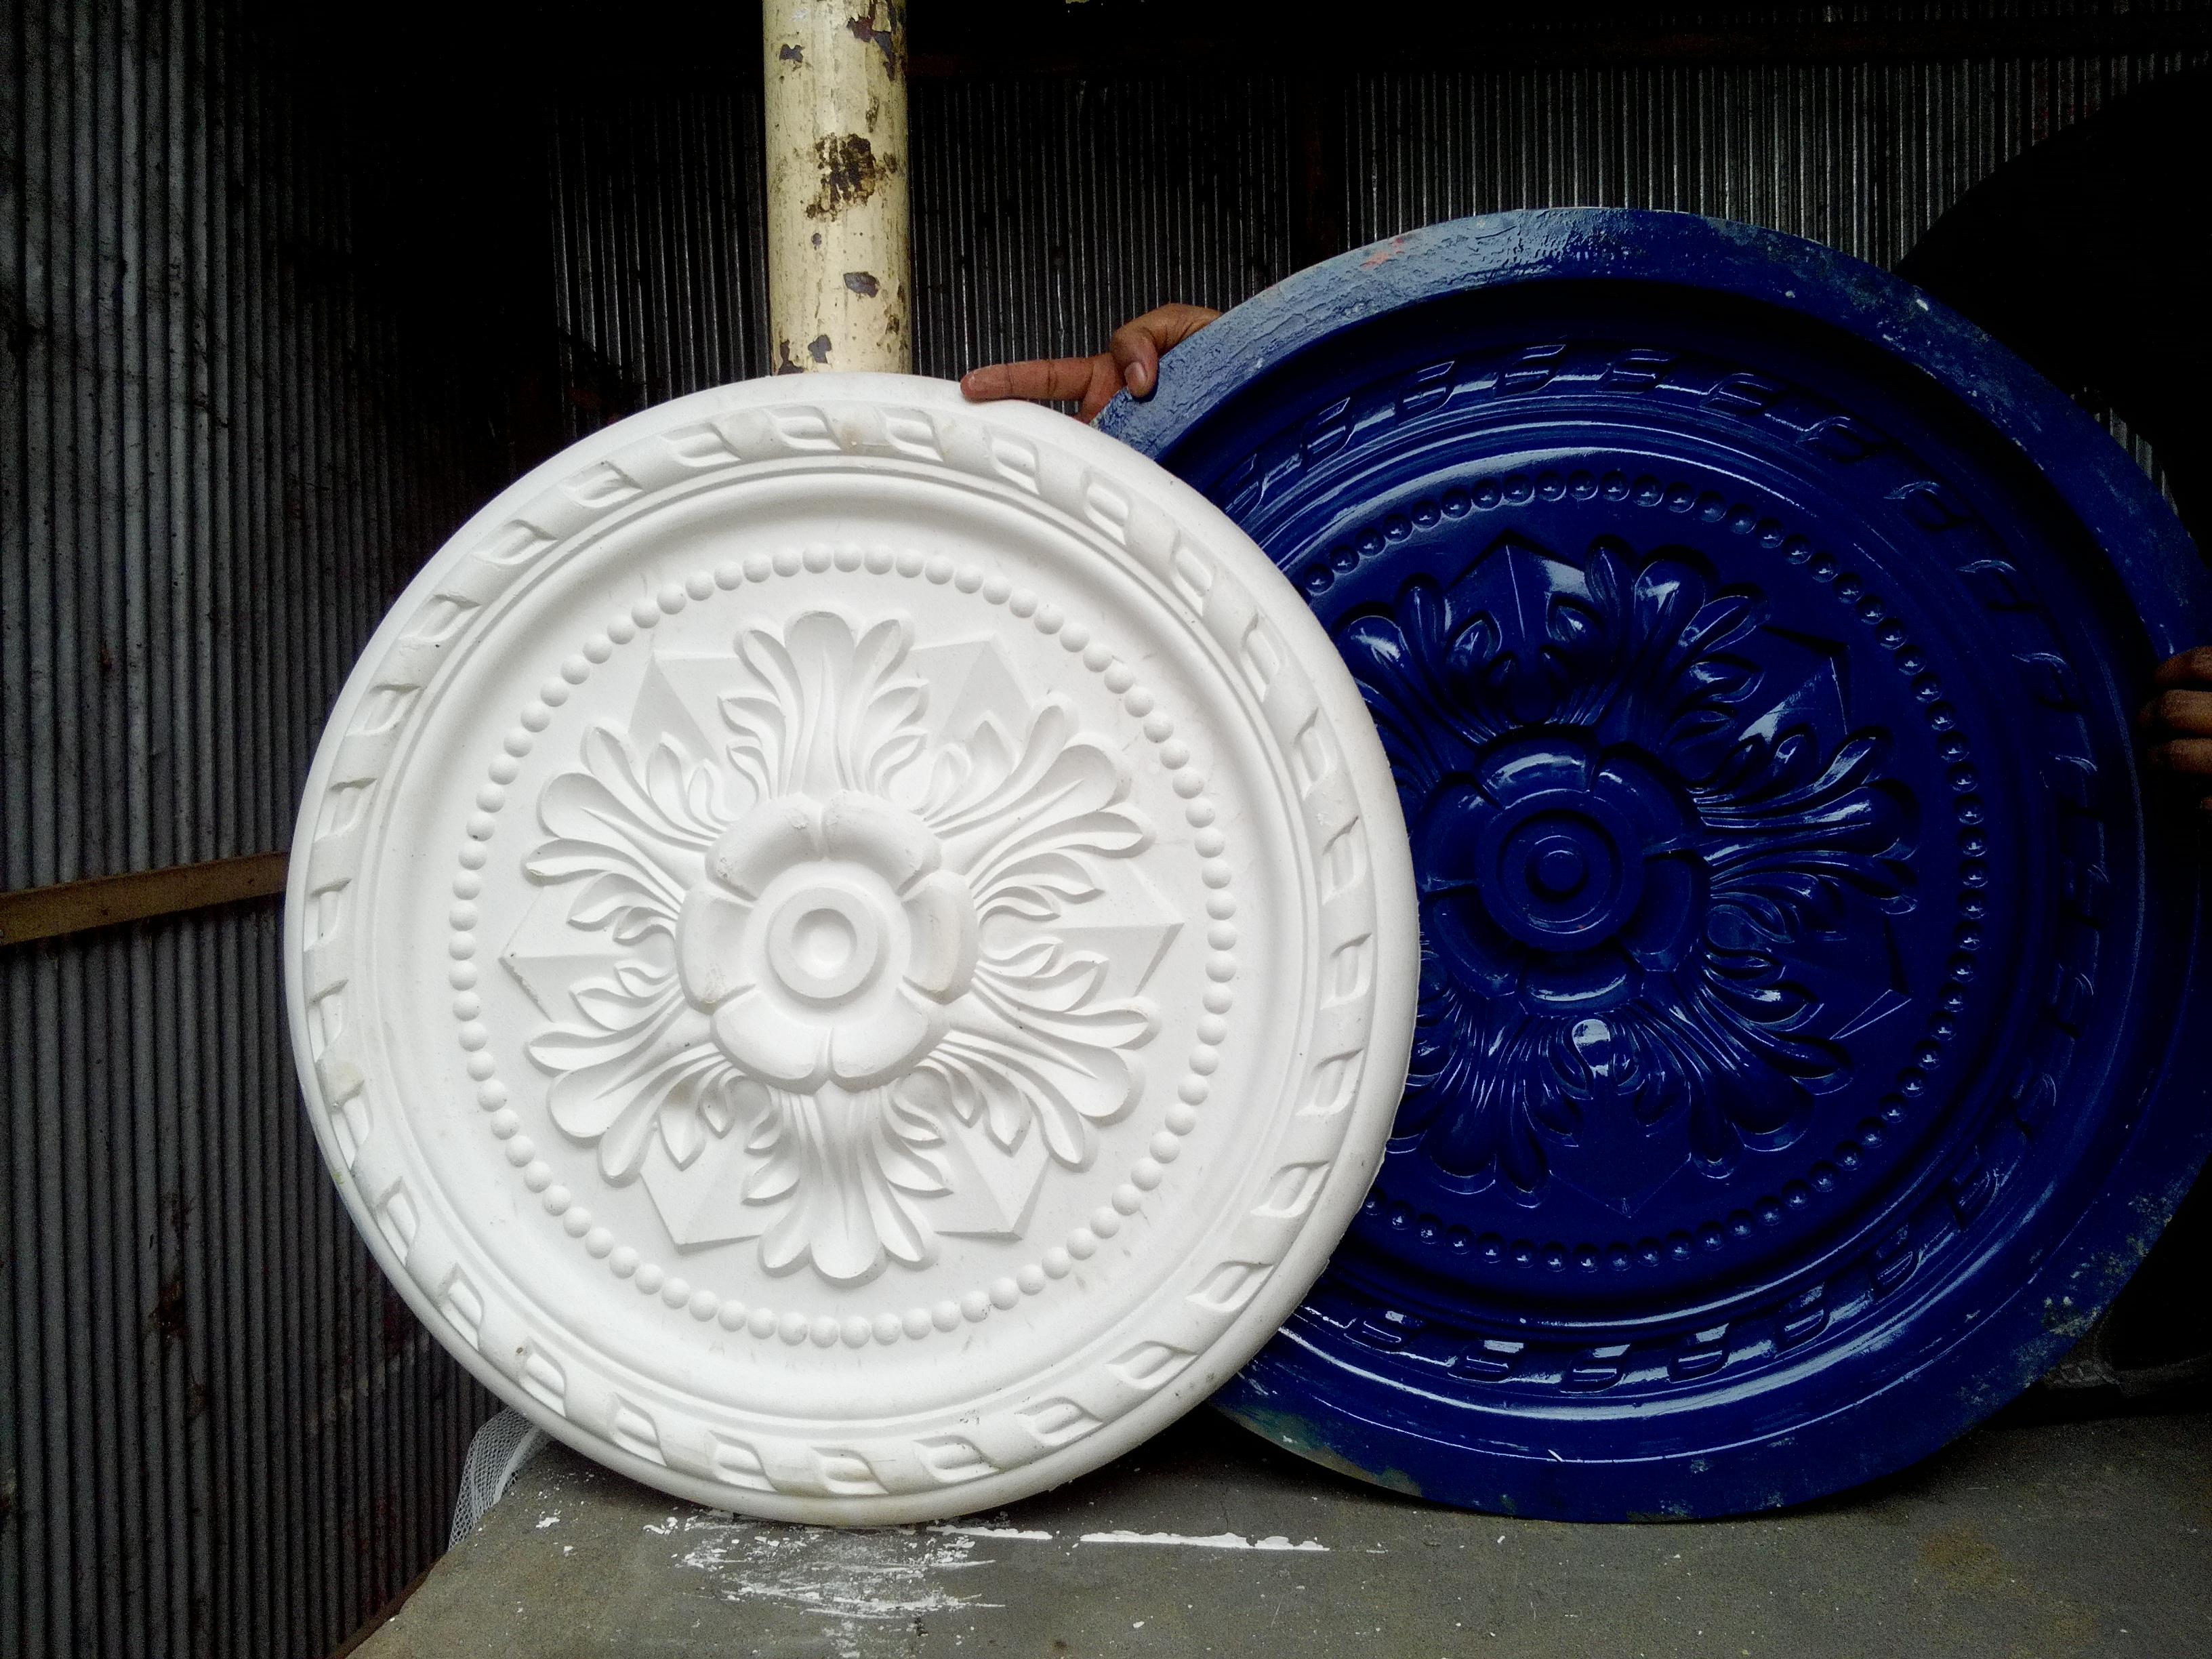 Jipson Jipsum Gipsam Gibsam Gypsum Decoration Dice Dies